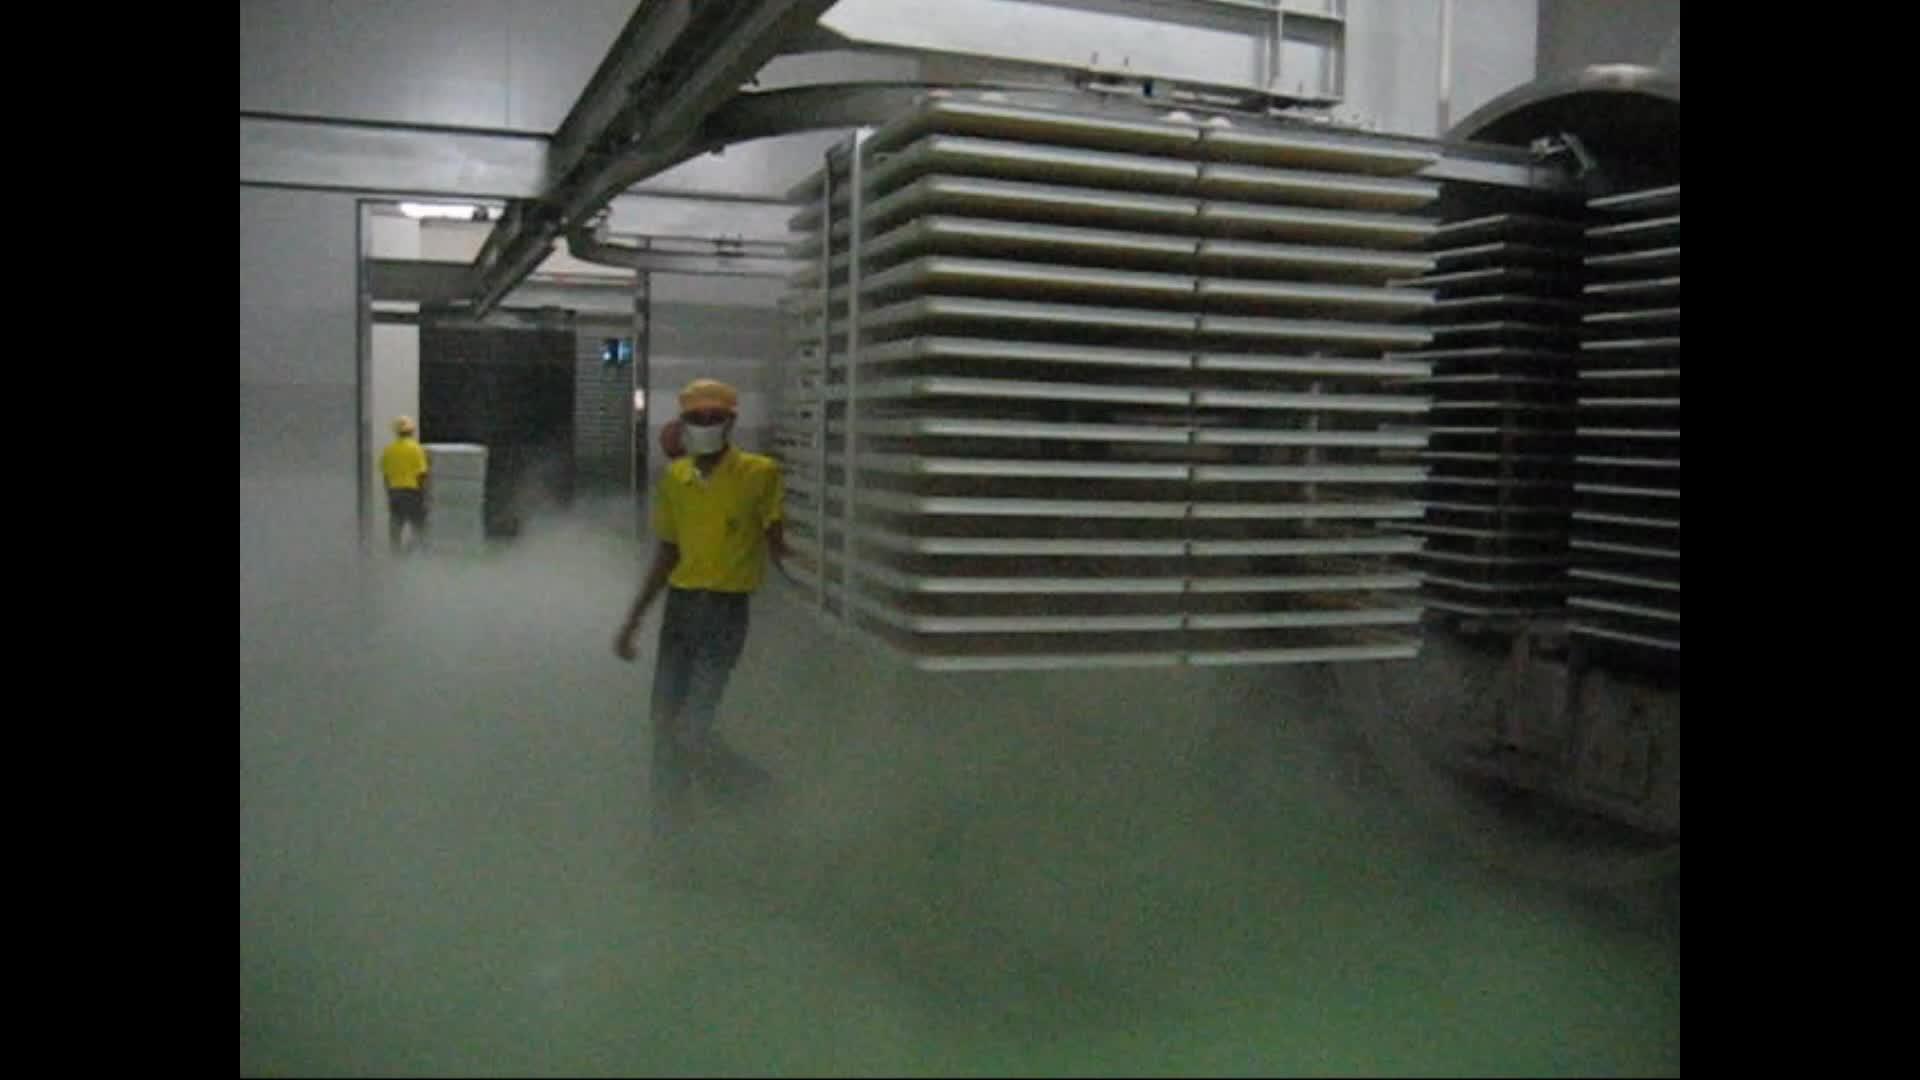 מסחרי להקפיא ייבוש מכונה/ואקום להקפיא יבש מכונה/תעשייתי להקפיא מייבש